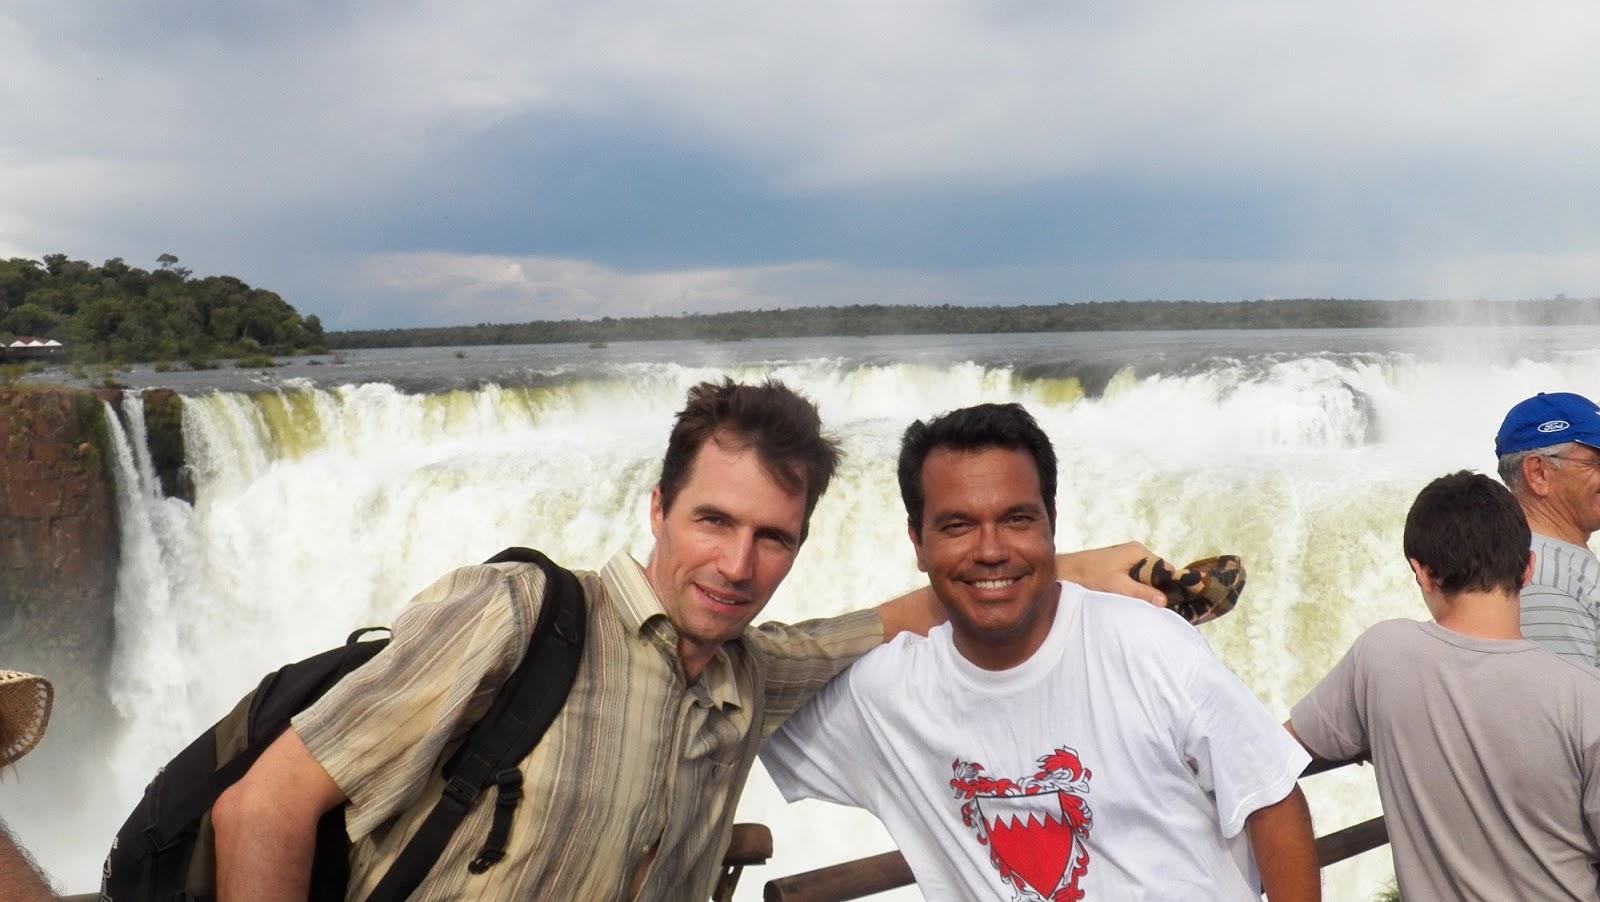 Garganta del diablo, Iguazú, Argentina